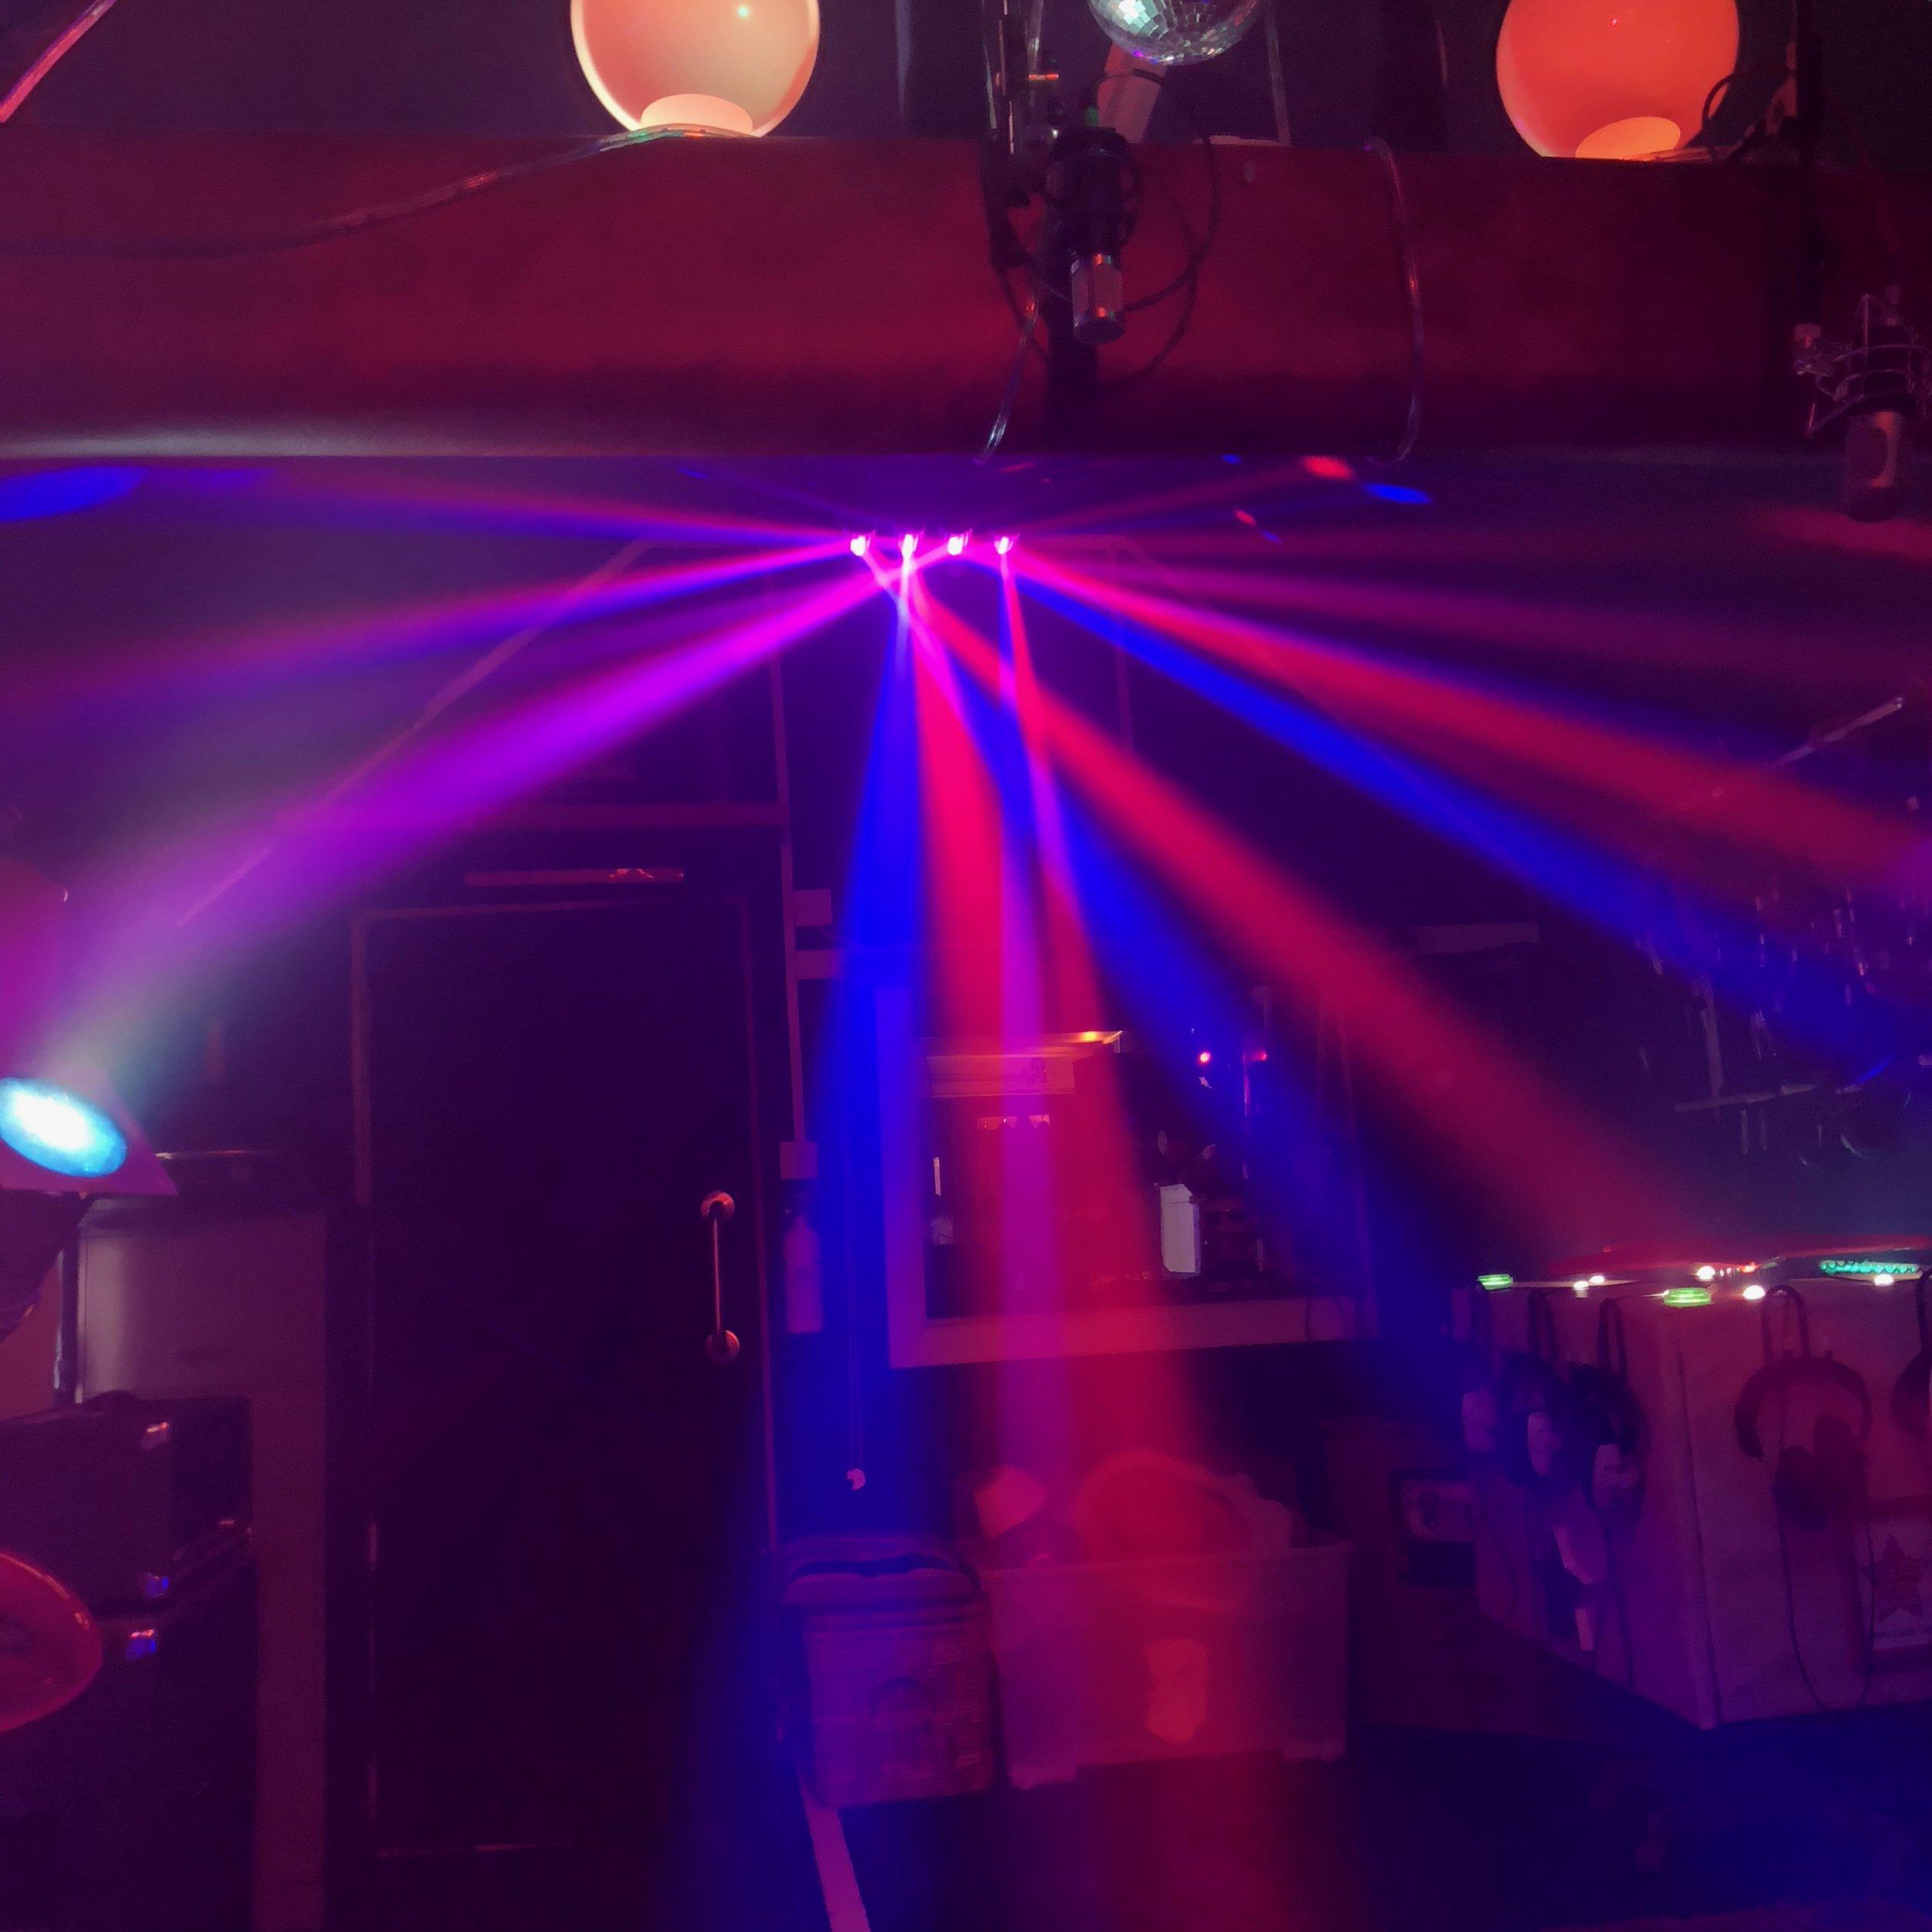 The disco just got better!